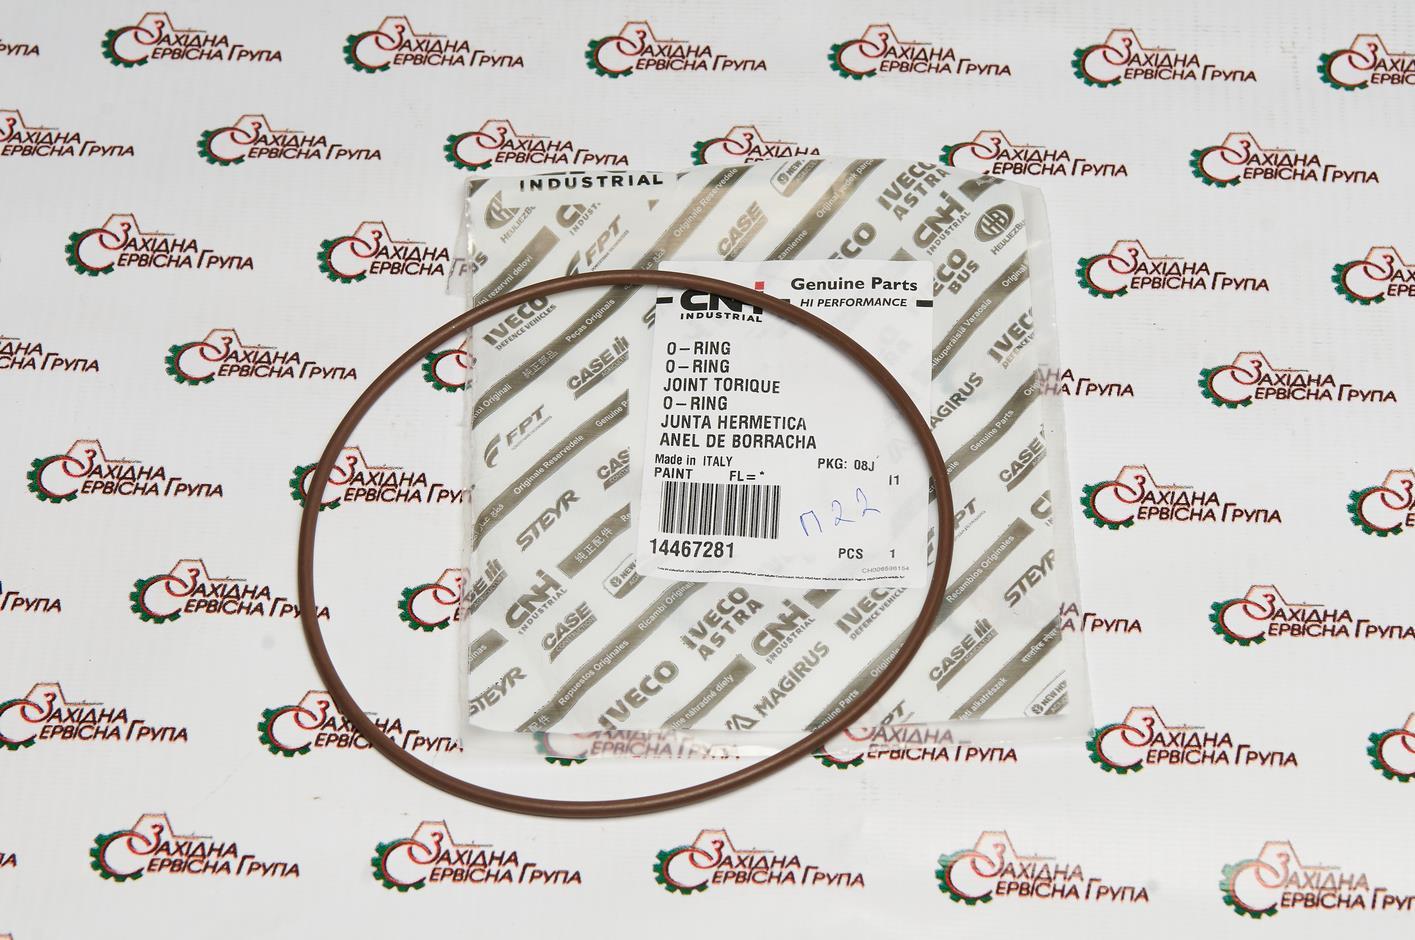 Кільце ущільнювальне флянця переднього сальника IVECO/FPT Cursor13, 14467281, 238-7255, 1167340, 76086148, 25621R1, 70925786, 71482519